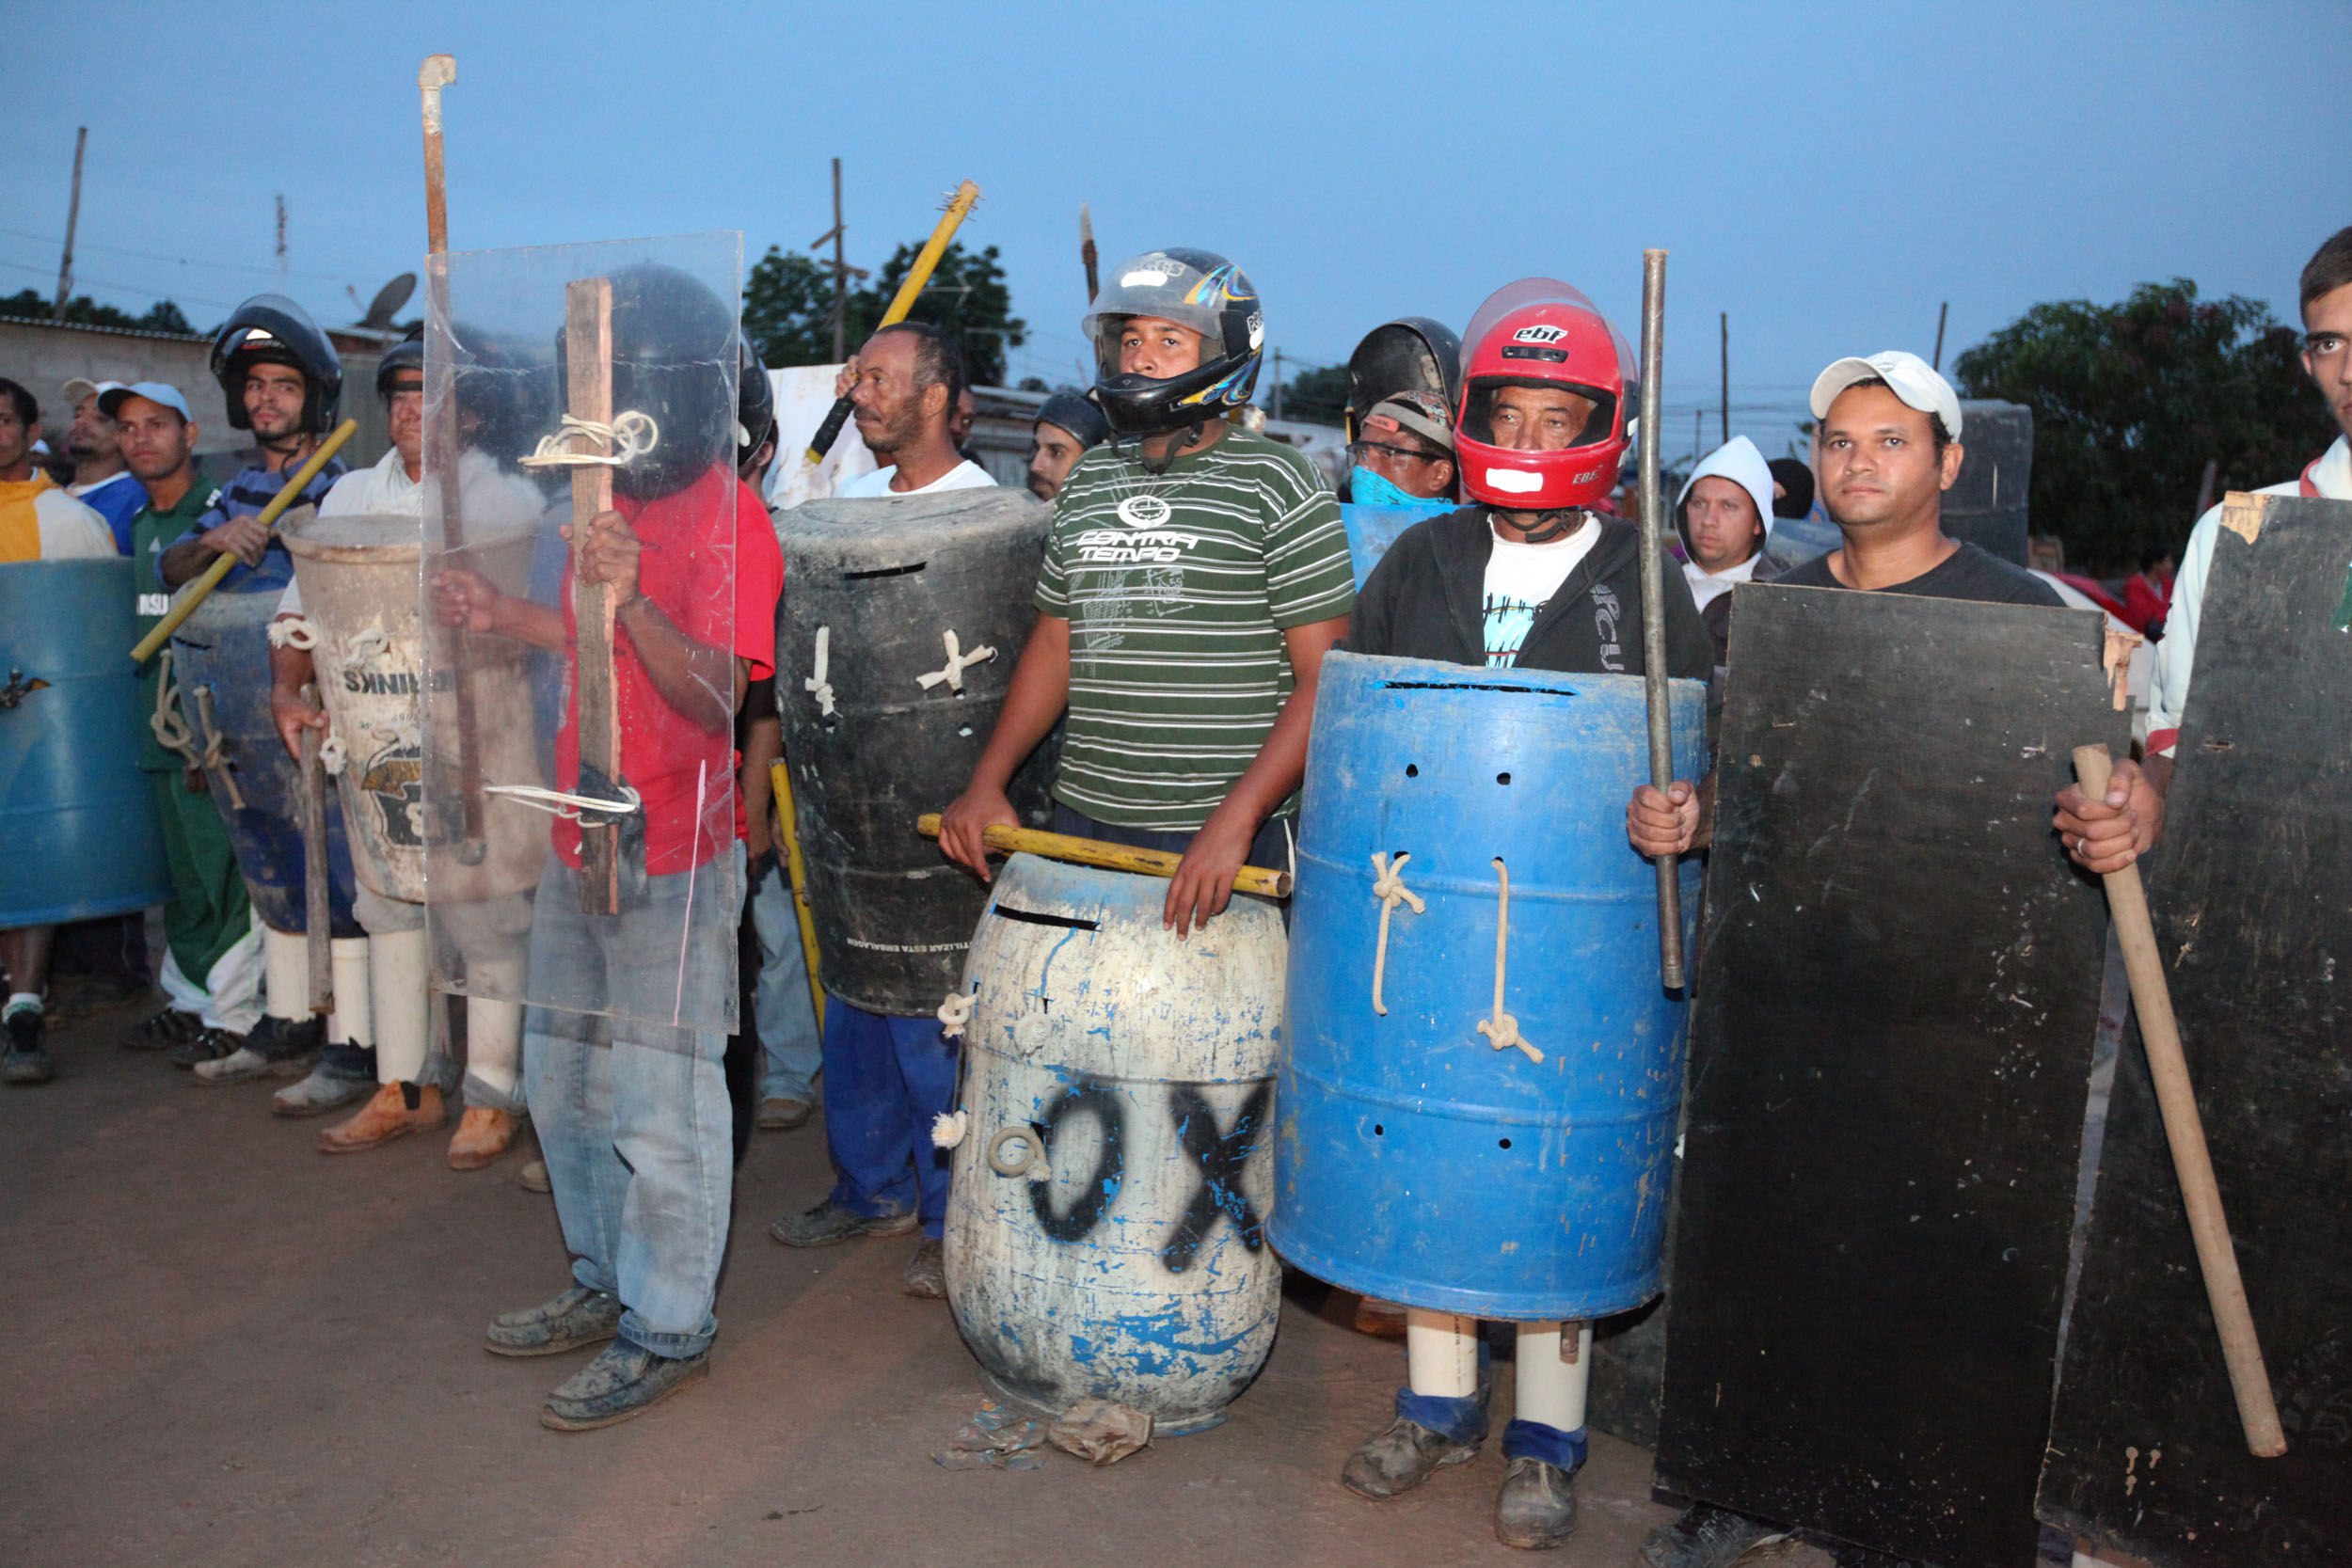 20120111-Pinheirinho-assembleia-para-preparacao-da-resistencia-tanda-melo-128.jpg